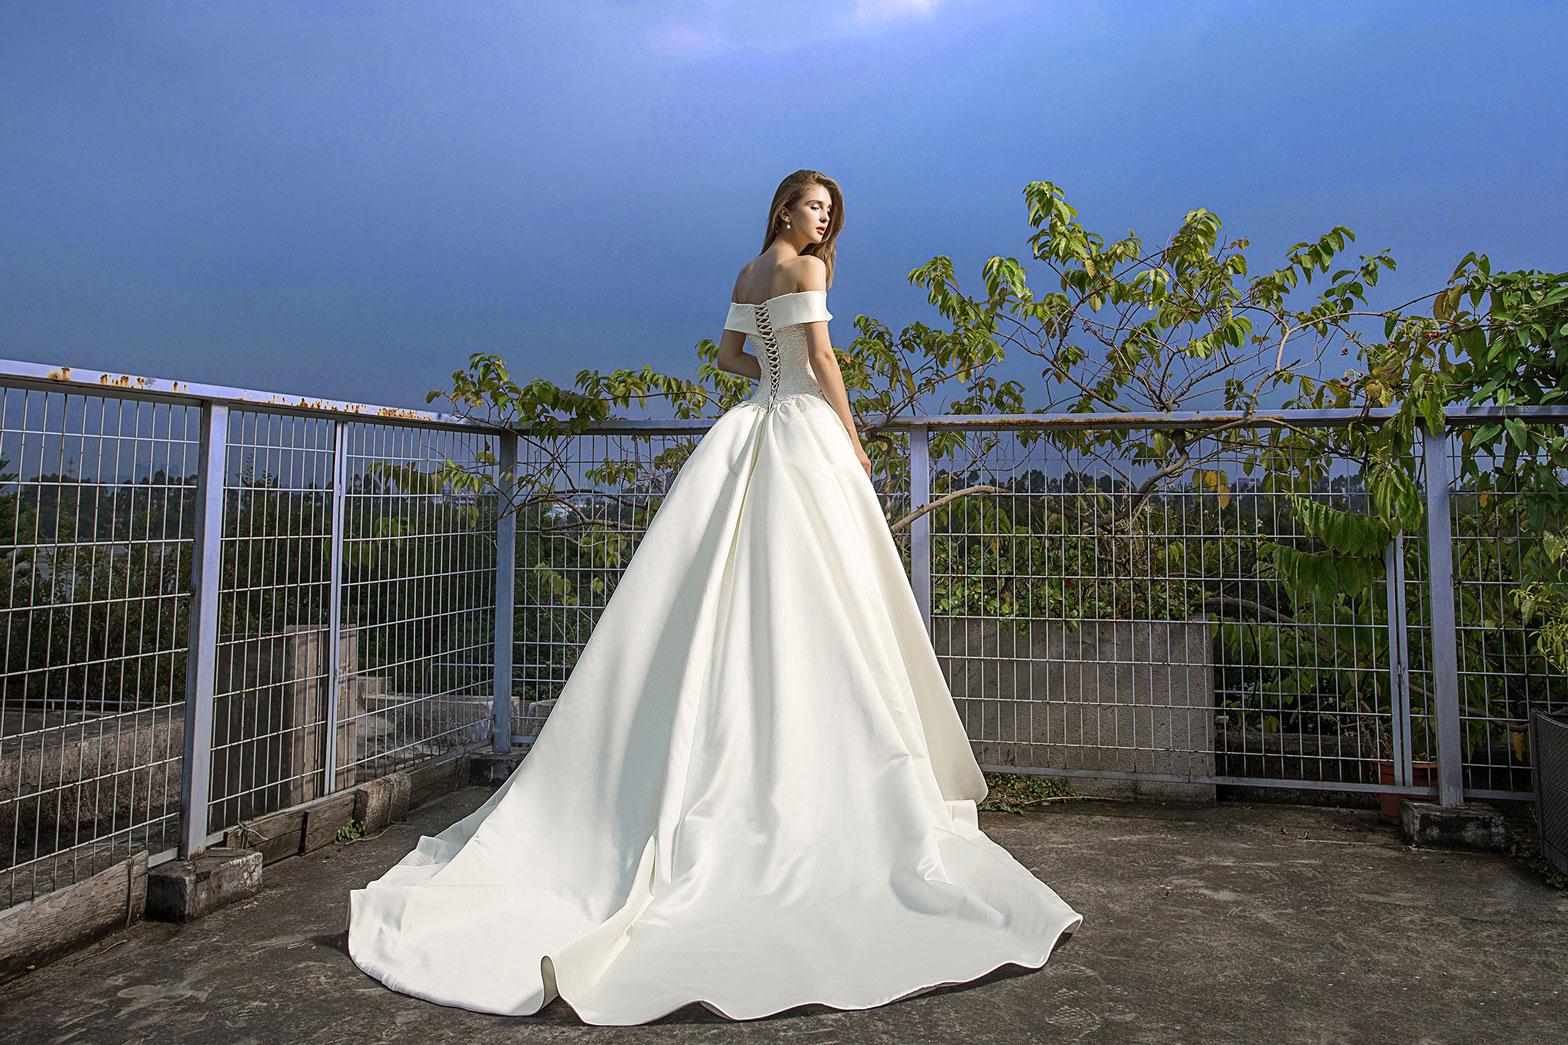 off-the-shoulder-satin-wedding-ballgown.jpg